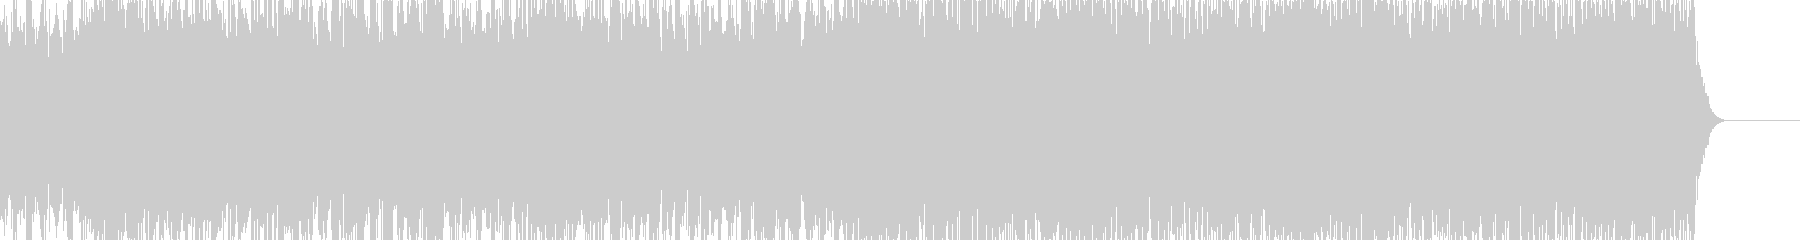 実用的シンセの無機質アンビエントBGM3の未再生の波形